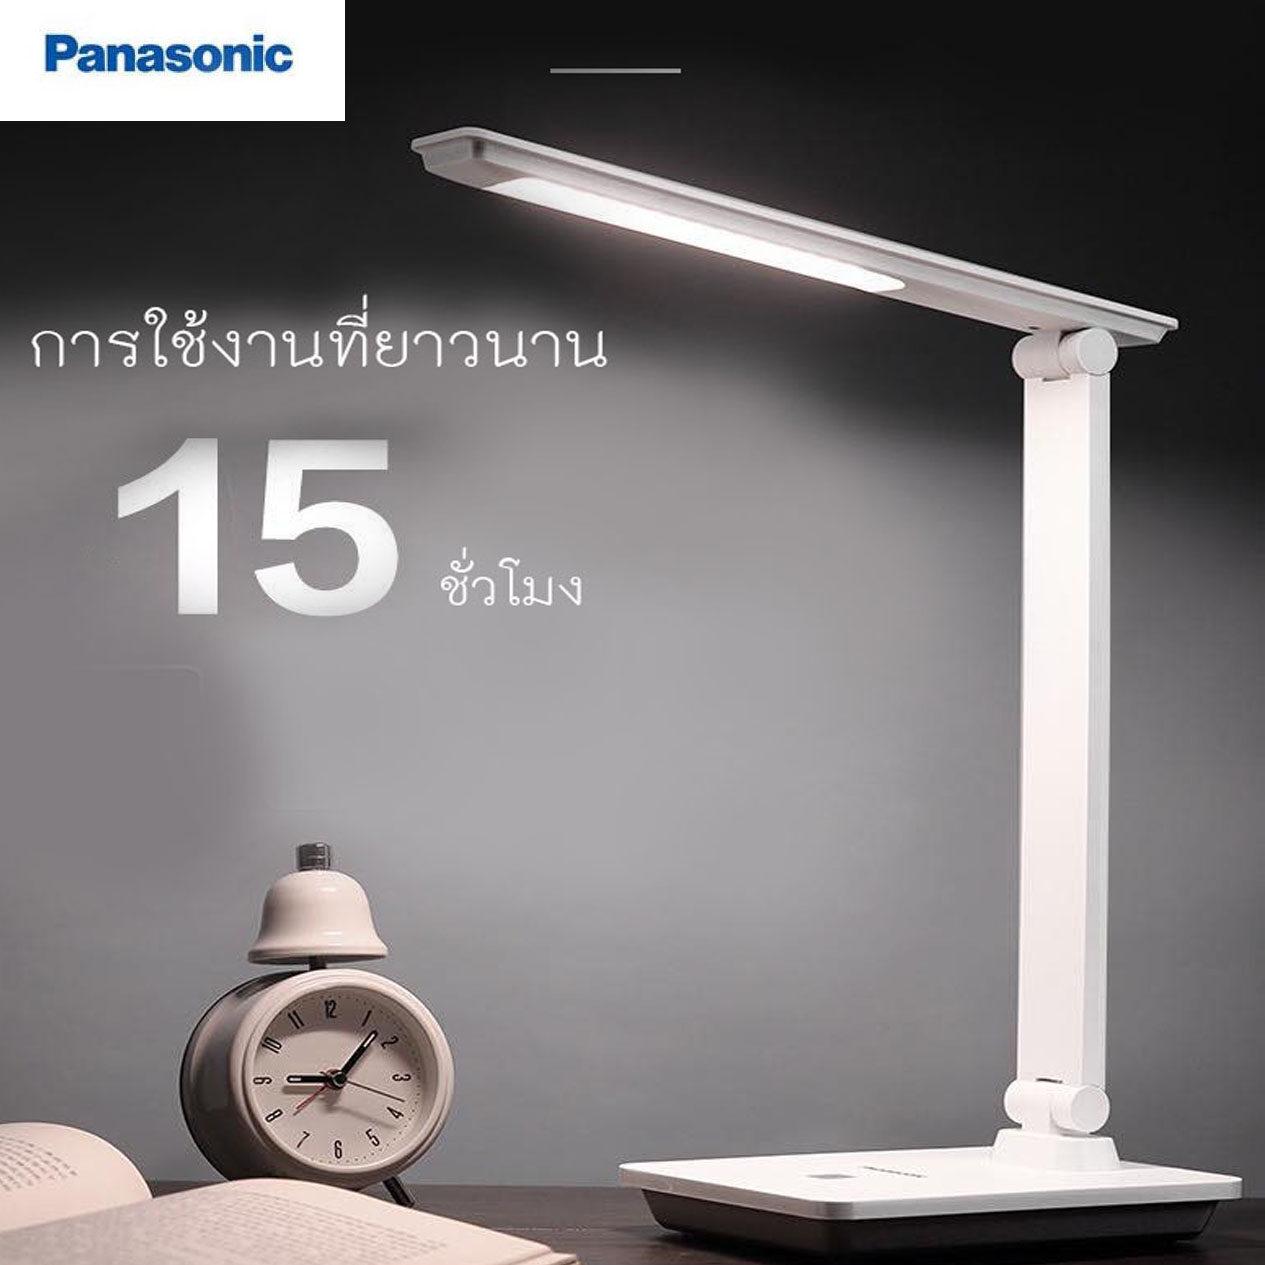 โคมไฟตั่งโต๊ะPanasonic รุ่น hhglt062888 โคมไฟพับได้ โคมไฟอ่านหนังสือ